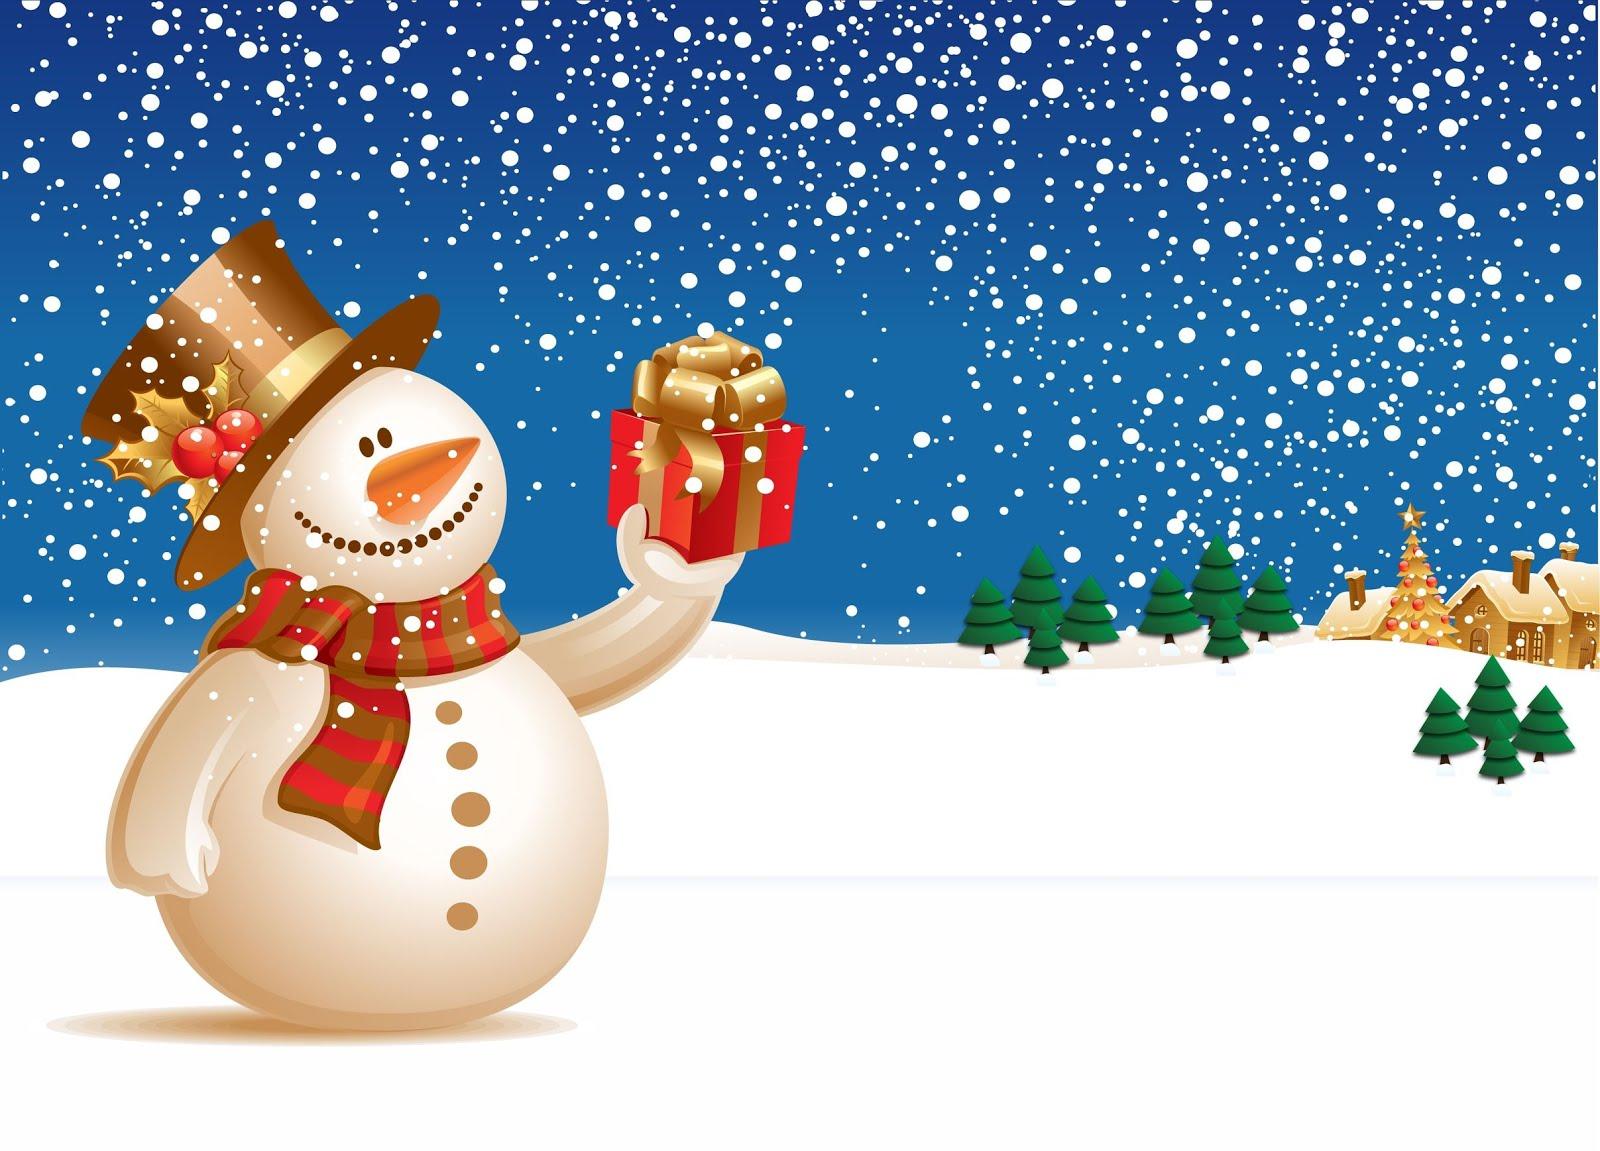 Banco de im genes mu eco de nieve con su regalo en un - Paisaje nevado navidad ...